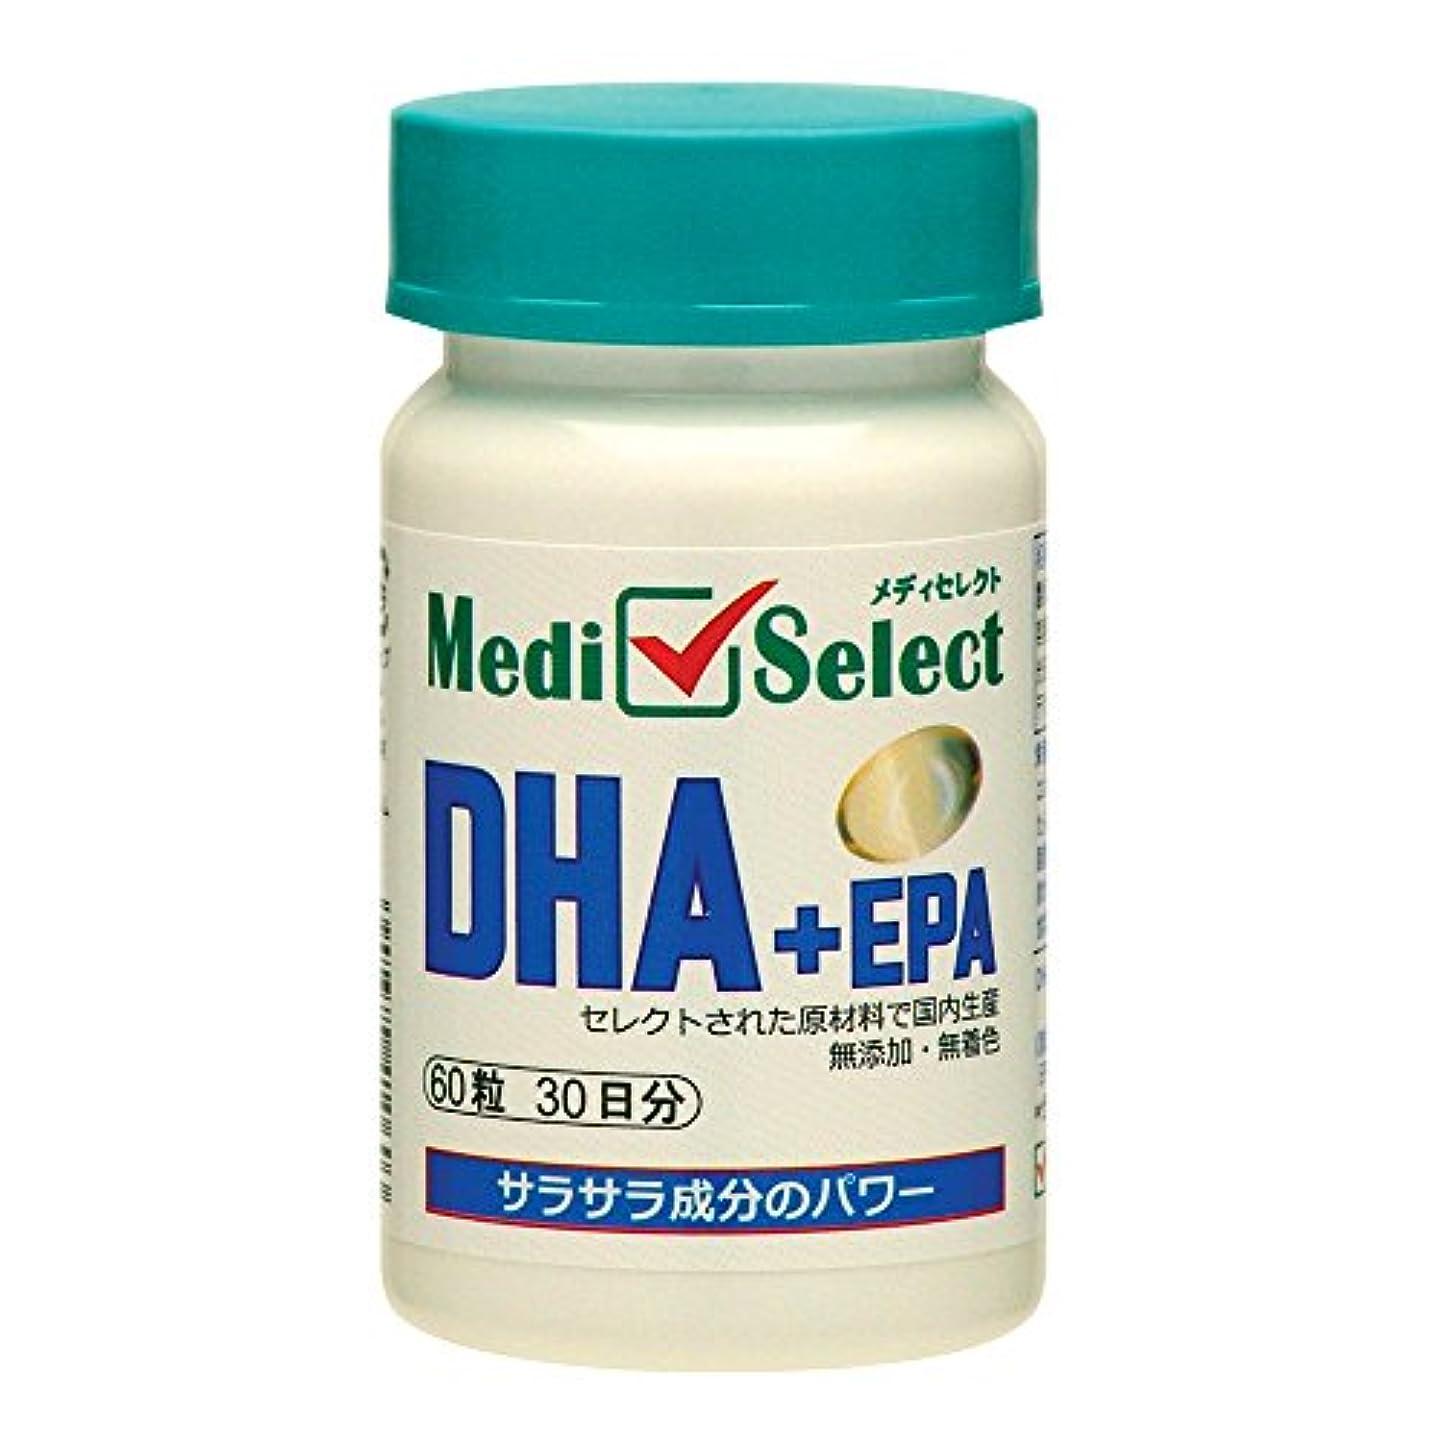 出発する極めて常習的メディセレクト DHA+EPA 60粒(30日分)